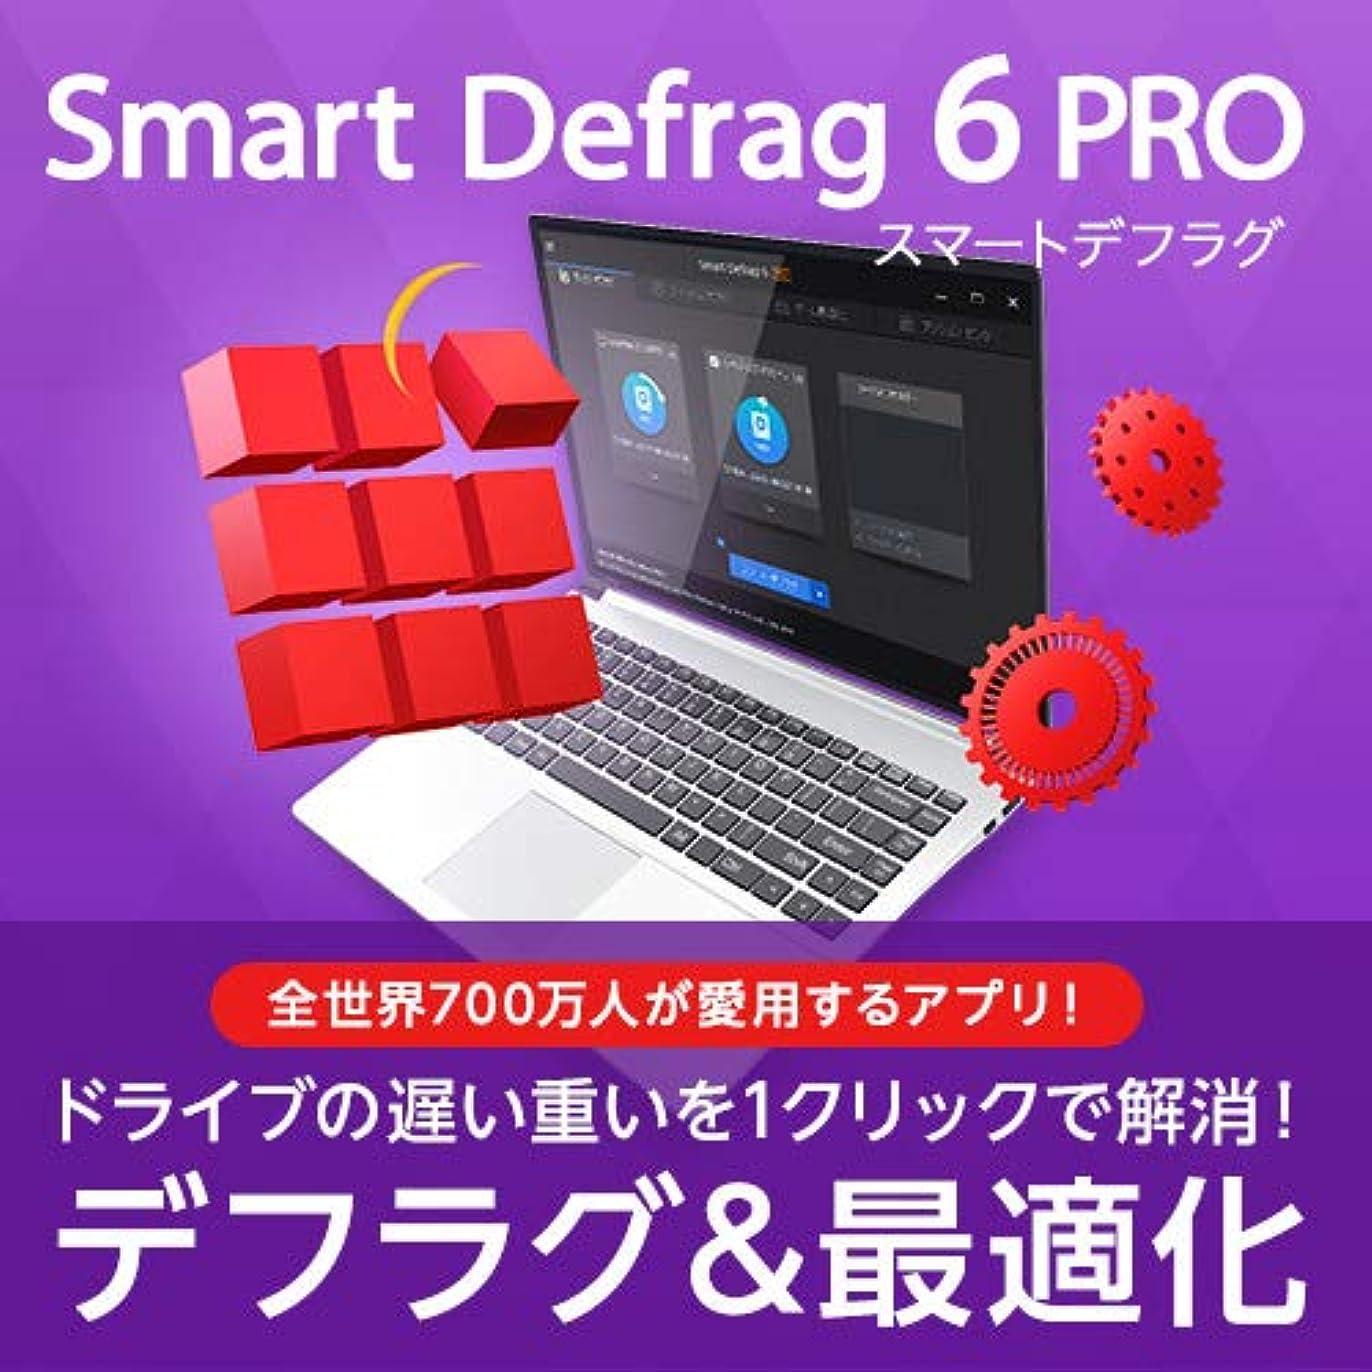 集まる定期的パドルSmart Defrag 6 PRO 3ライセンス【HDDデフラグ/SSDトリミング/パソコン最適化/ゲーム環境最適化/ブートタイムデフラグ/自動デフラグ】|ダウンロード版